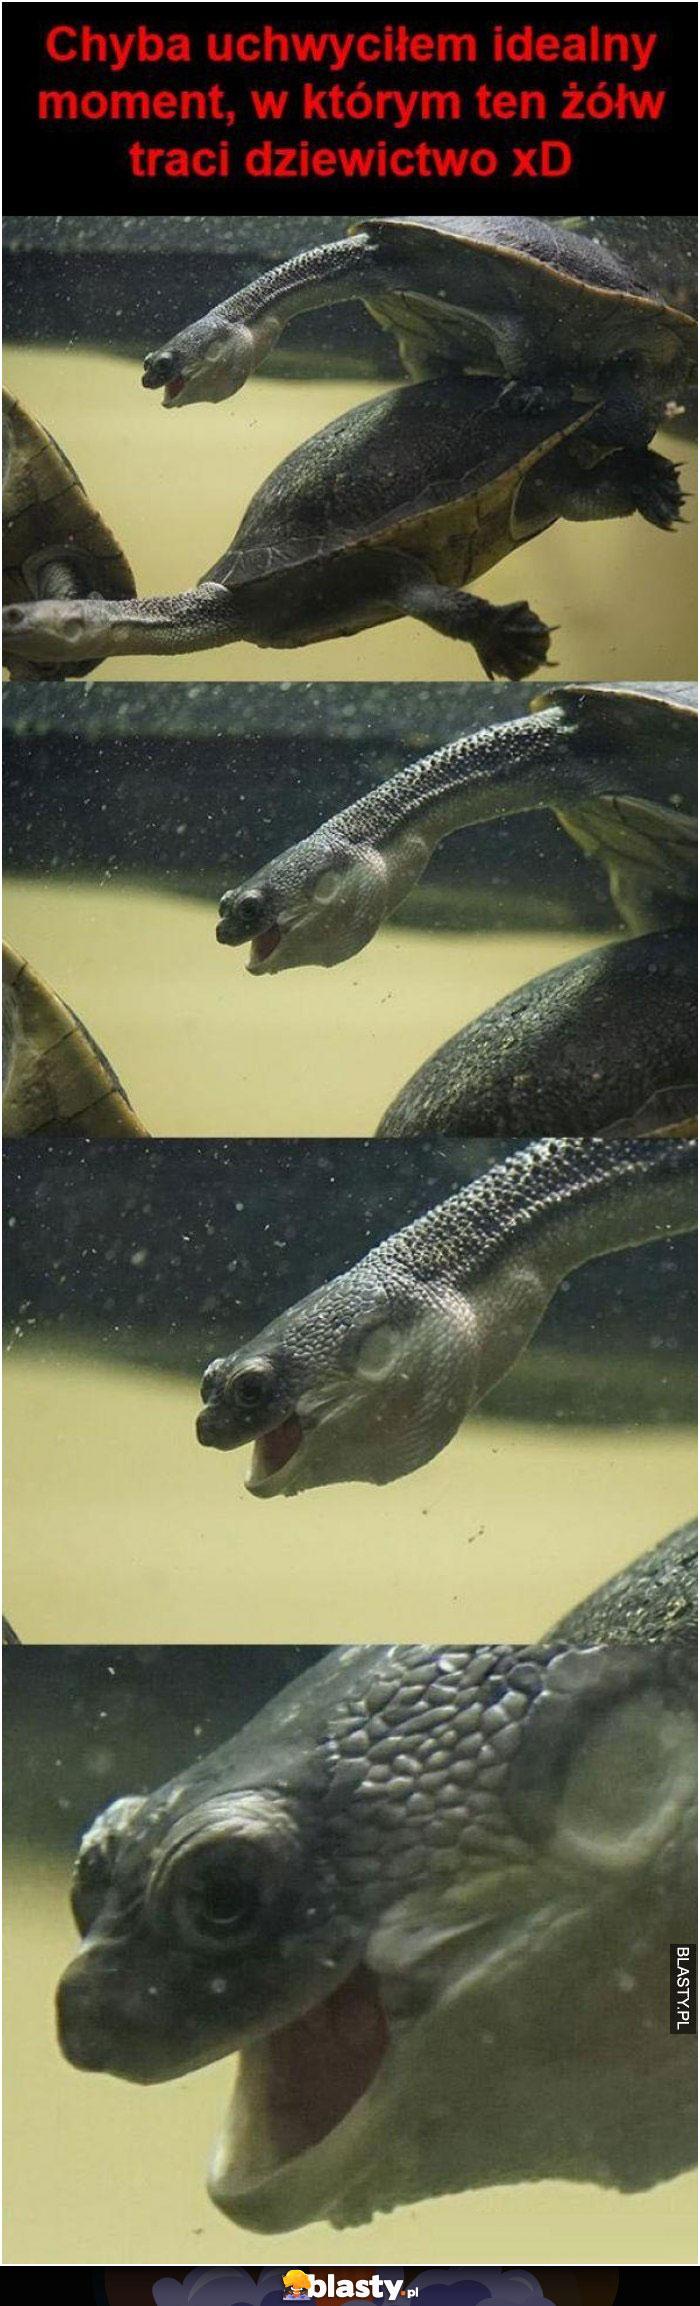 Żółw traci dziewictwo